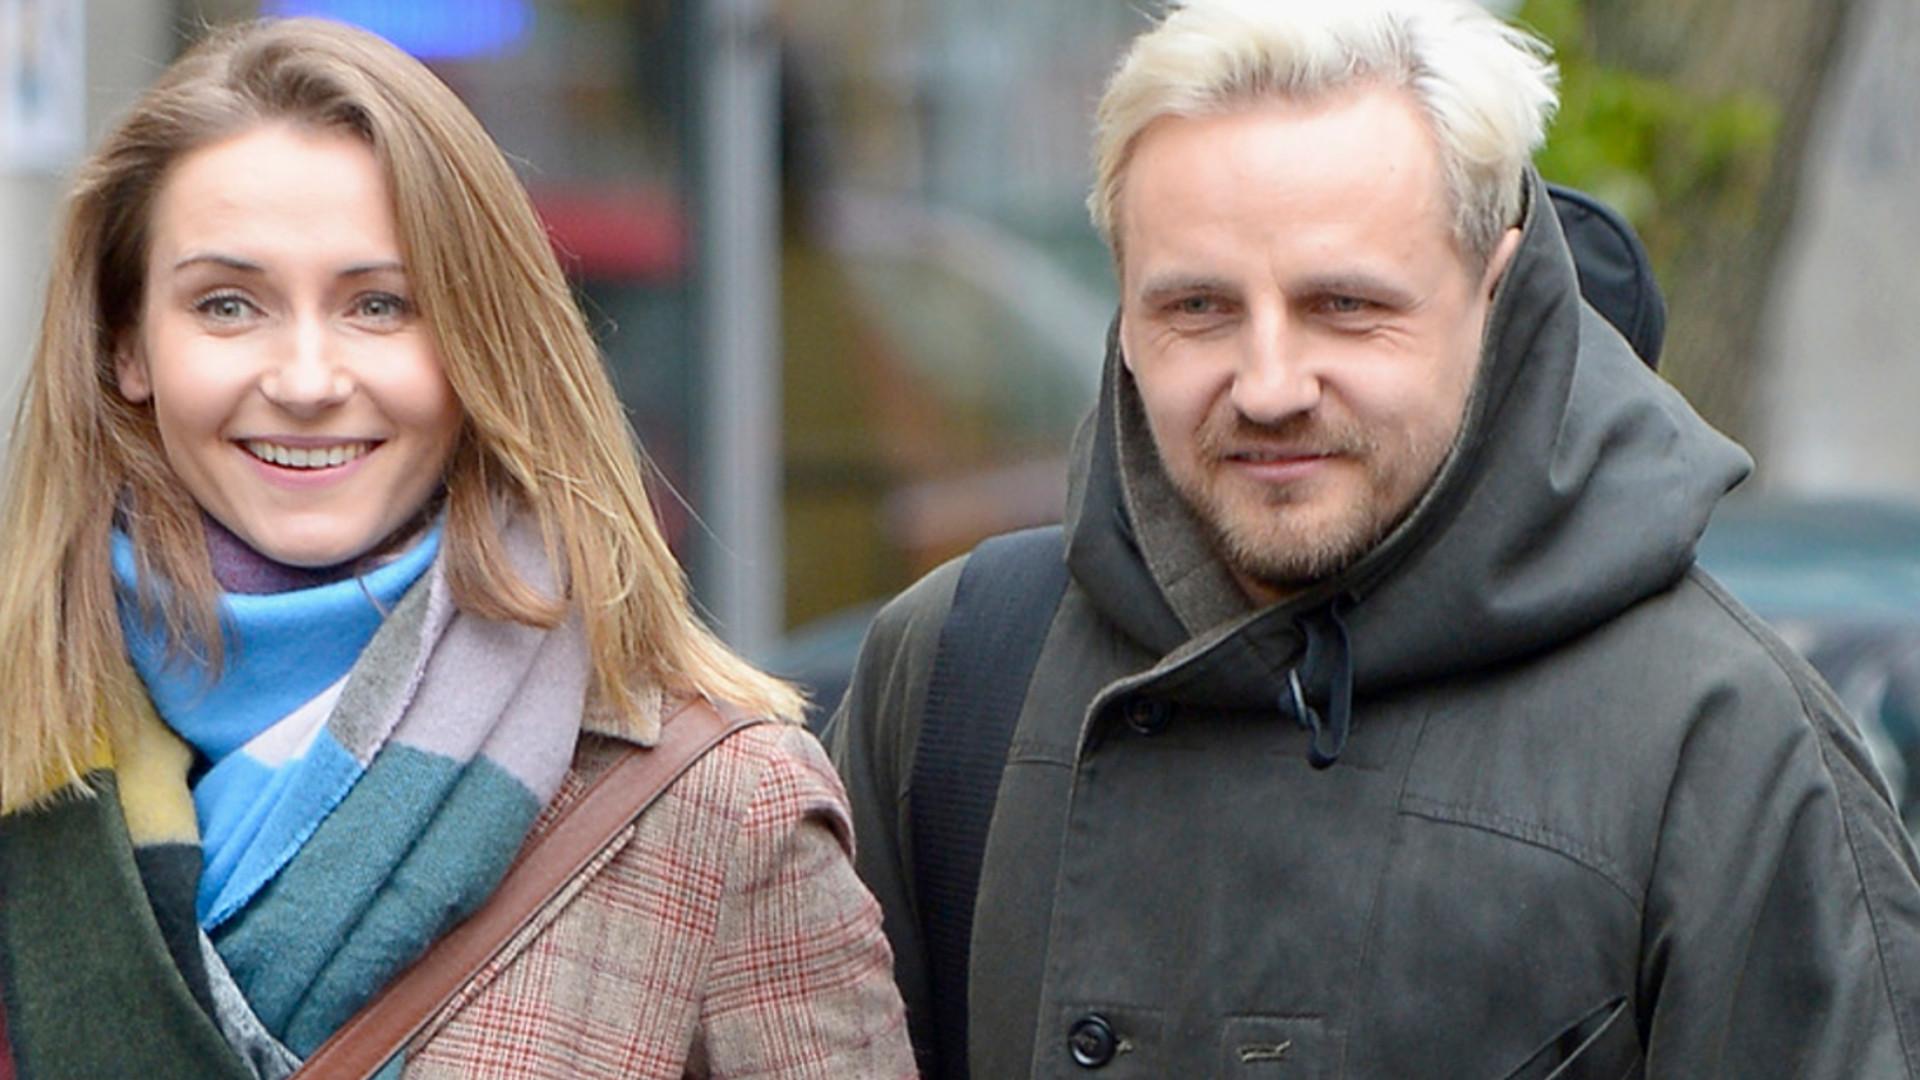 Paweł Domagała i Zuzanna Grabowska spodziewają się dziecka! Widać już BRZUSZEK?